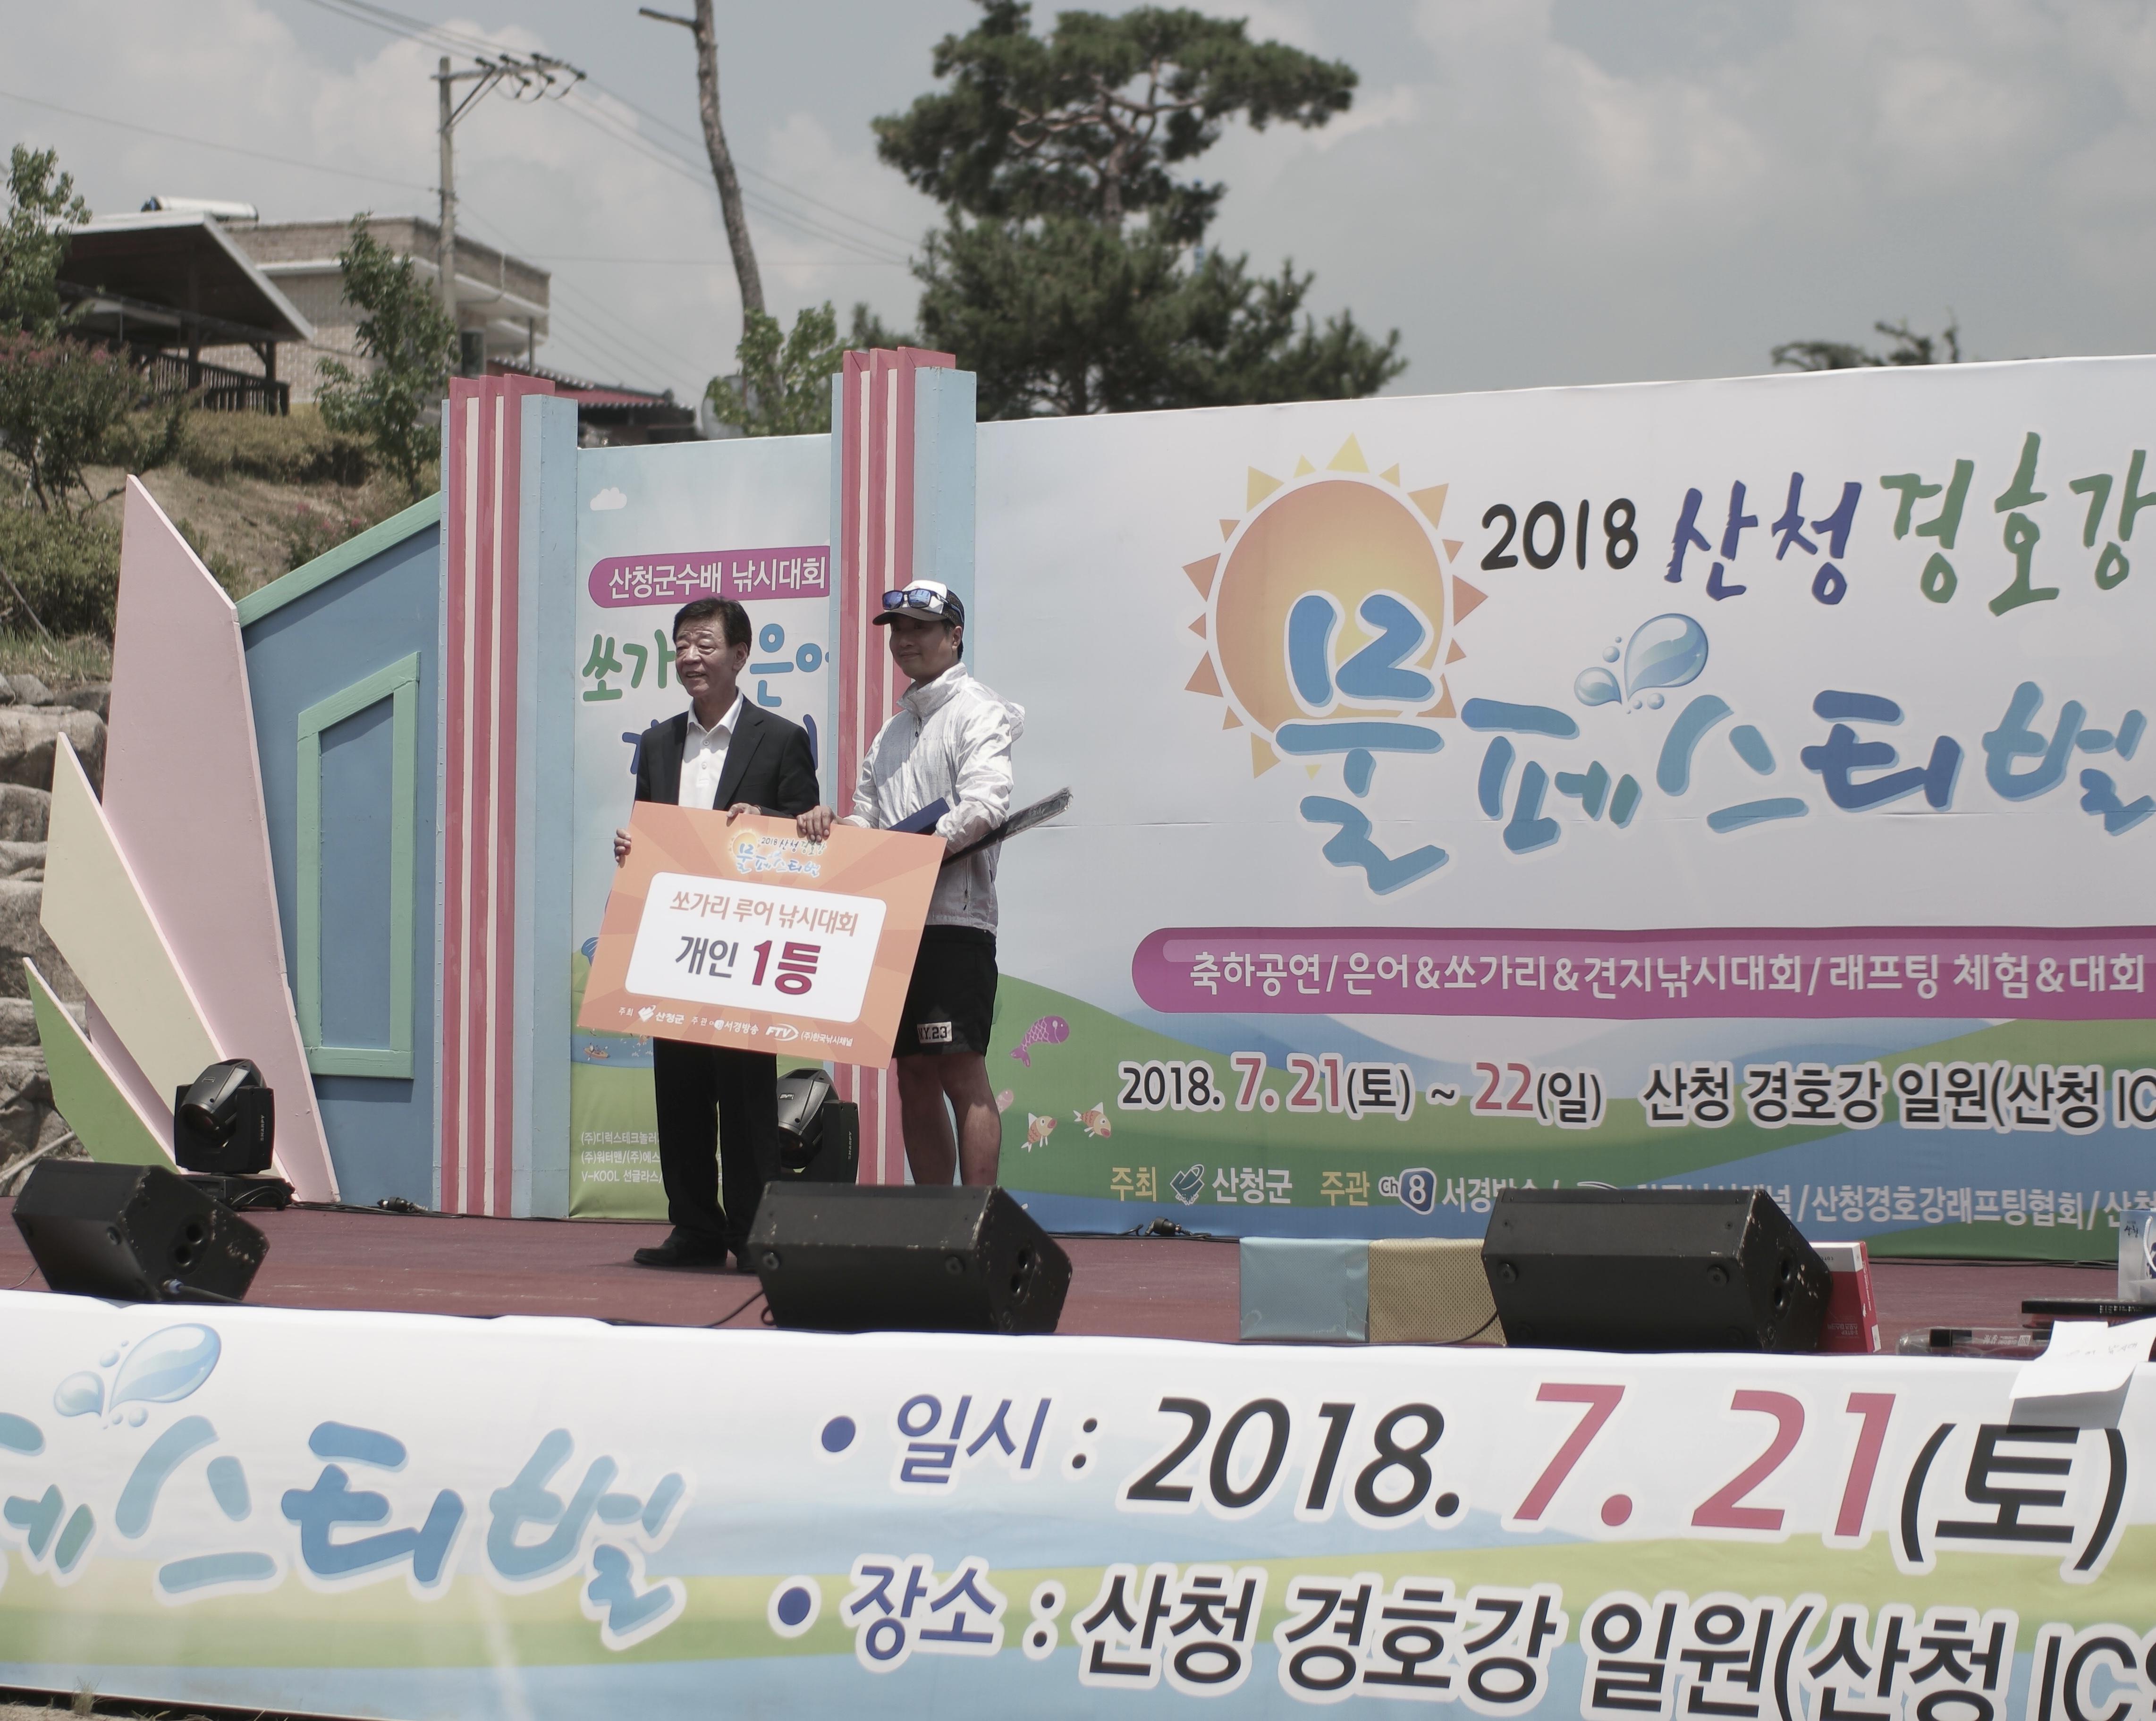 '2018 산청 경호강 물페스티벌' 가족 연인들이 함께하는 여름 대표 축제로 자리매김